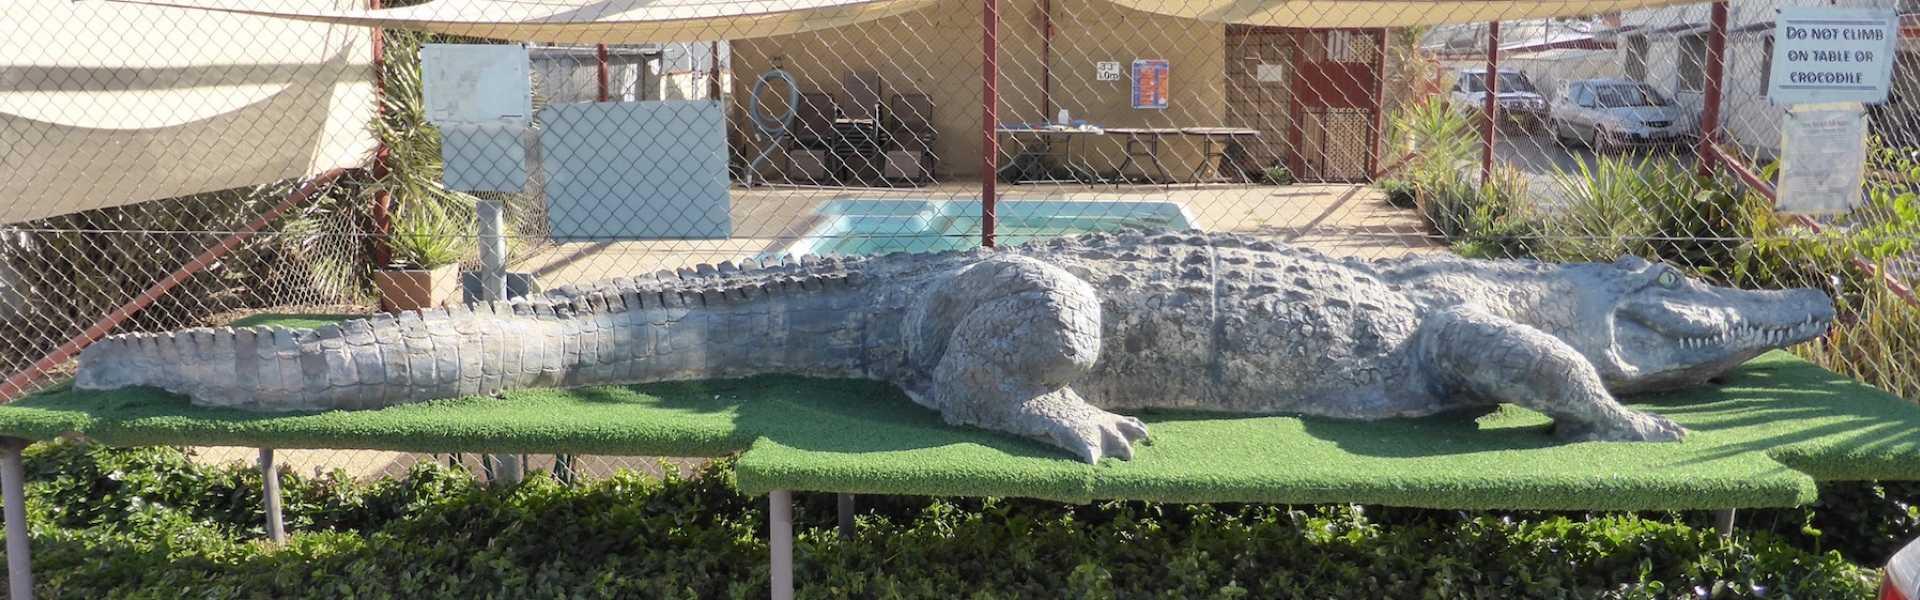 Kui Parks, Crocodile Caravan Park, Lightning Ridge, The Crocodile